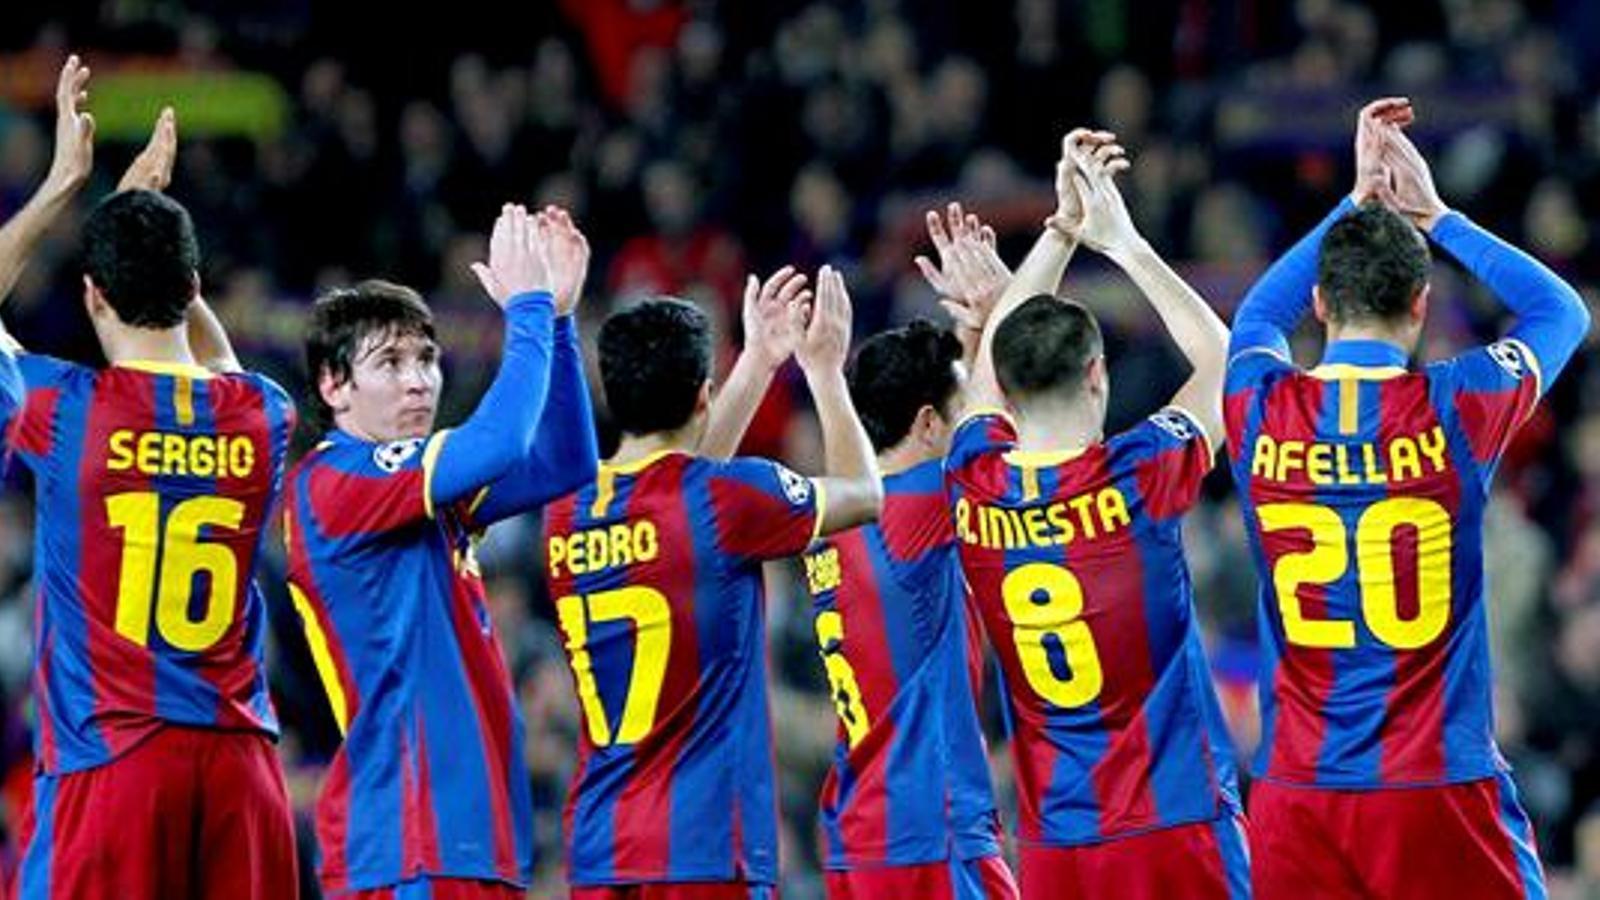 Els jugadors del Barça agraeixen el suport del públic després del partit amb l'Arsenal al Camp Nou / EFE